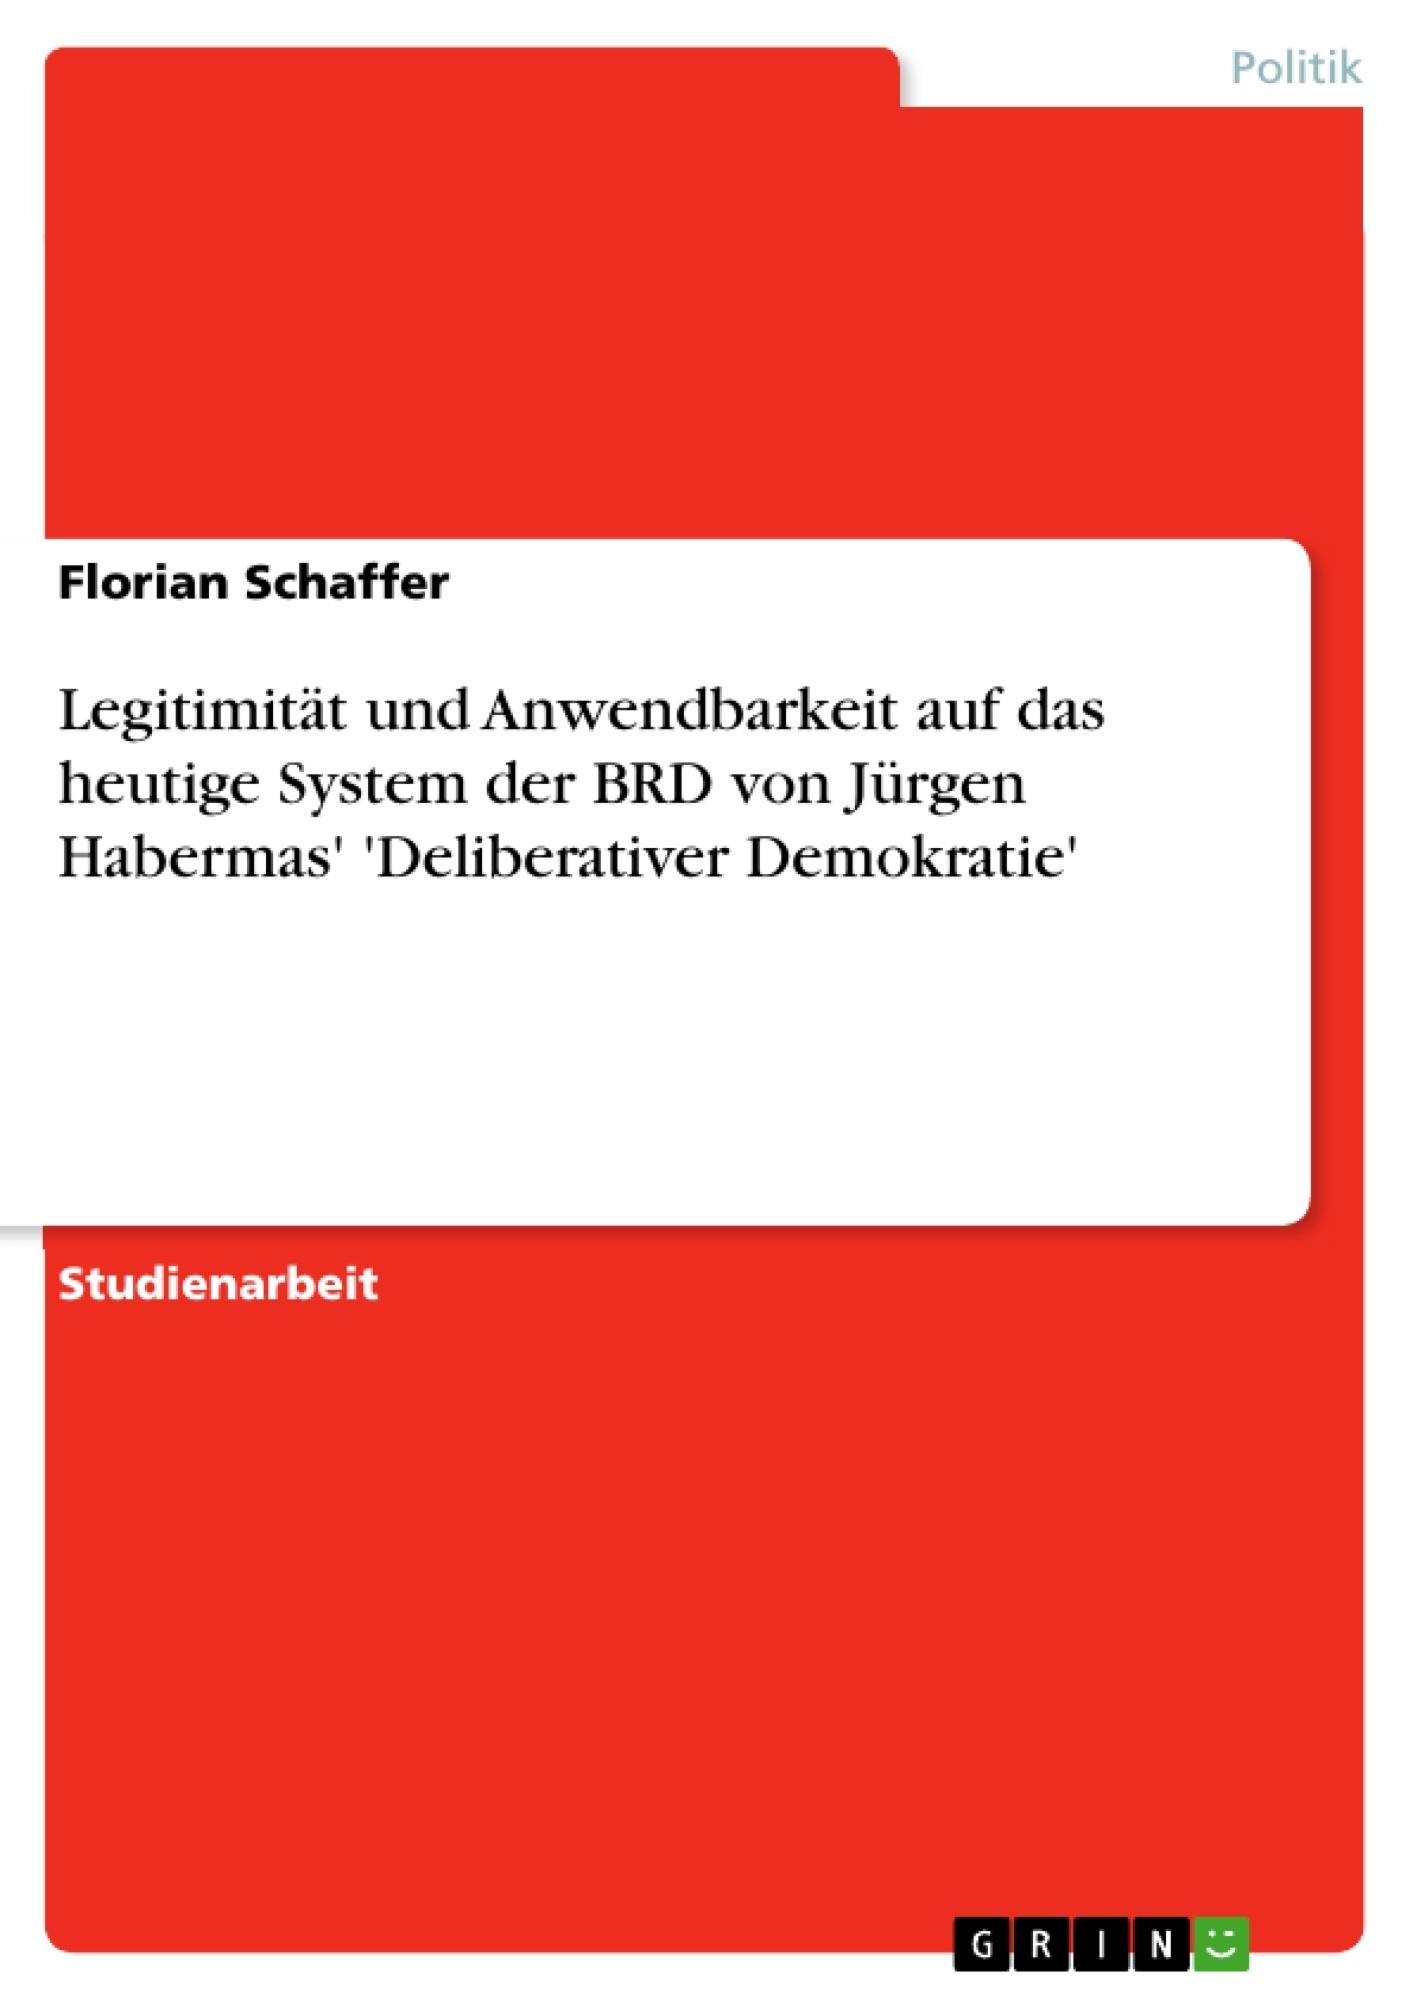 Titel: Legitimität und  Anwendbarkeit auf das heutige System der BRD von Jürgen Habermas' 'Deliberativer Demokratie'